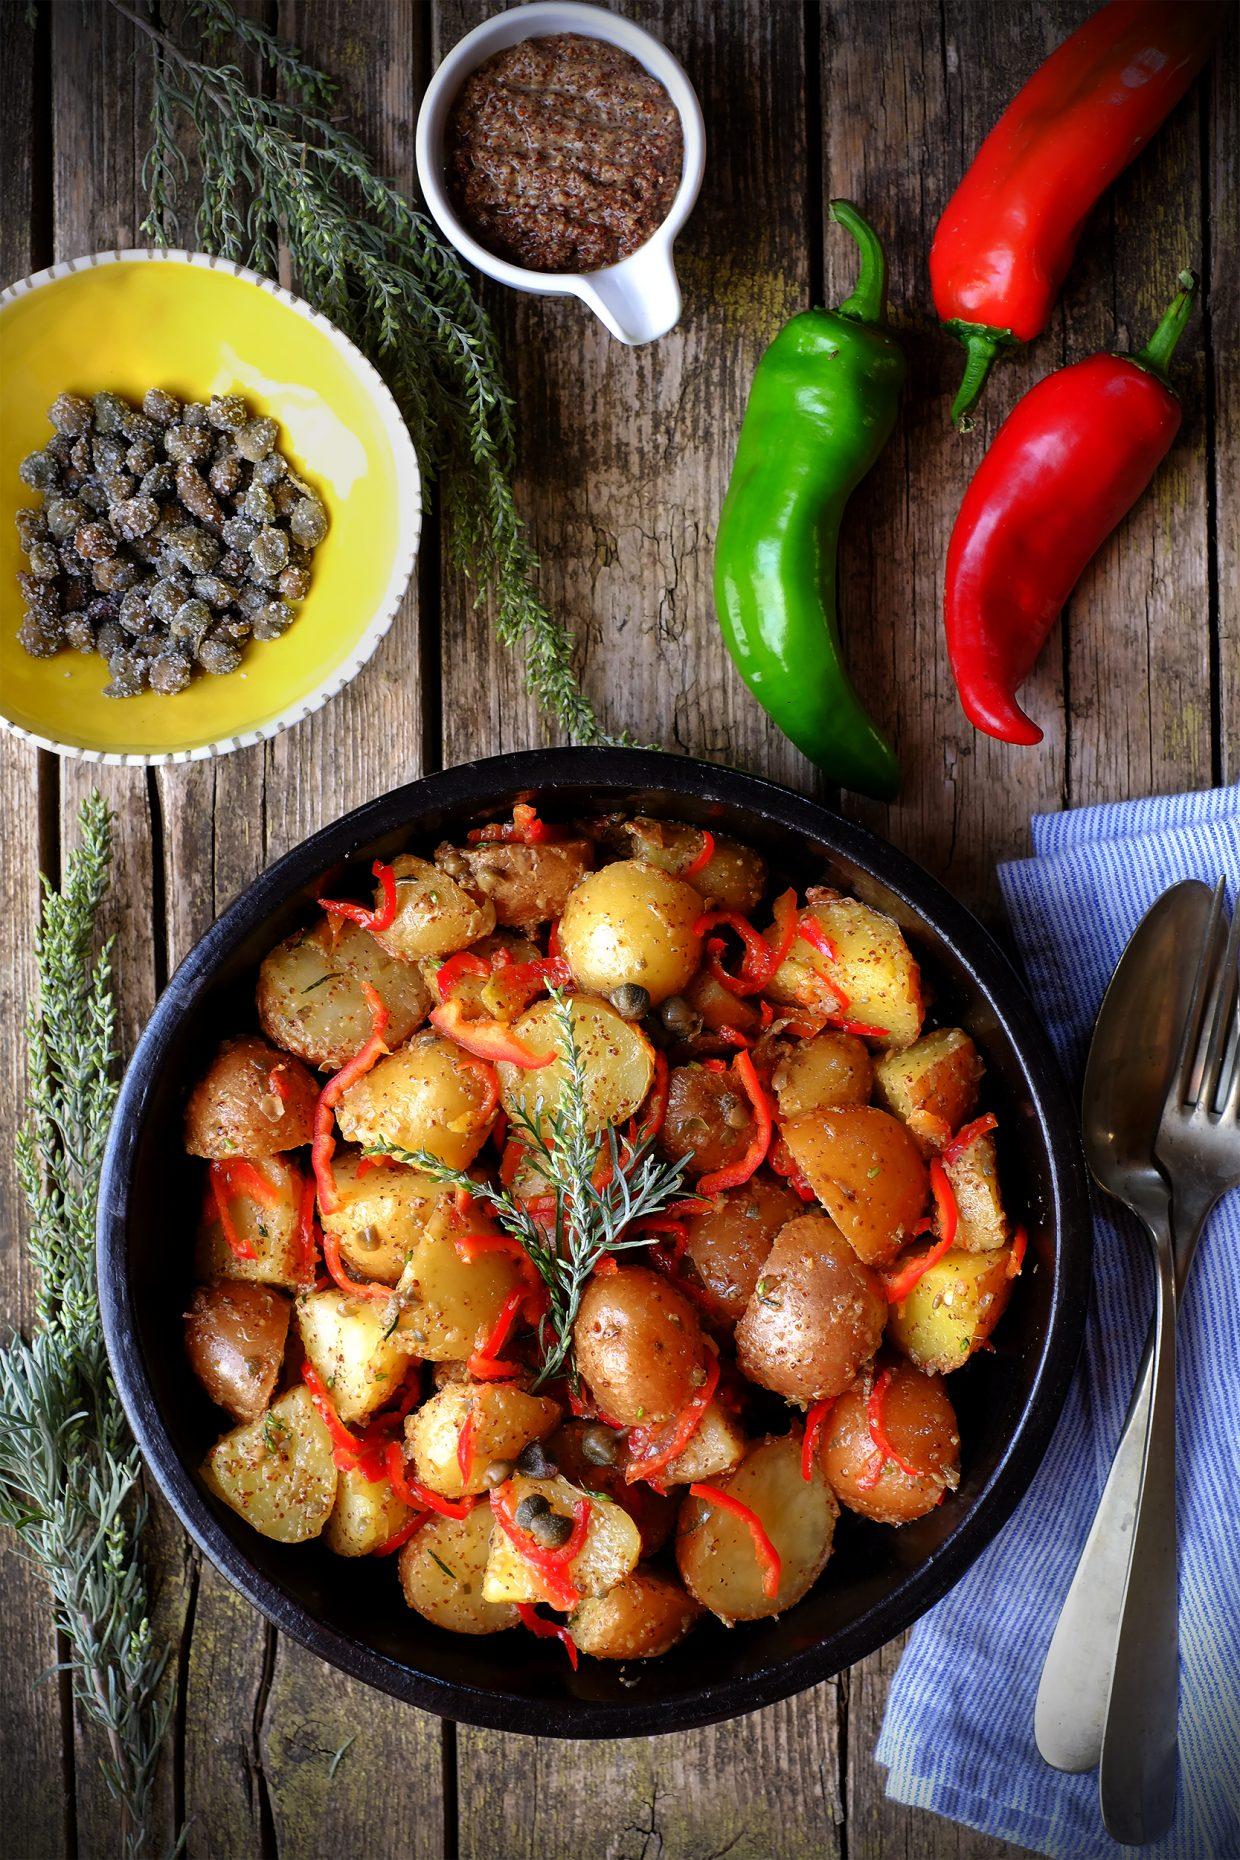 Insalata di patate Monalisa e Laura, con friggitelli rossi e artemisia dei calanchi 5